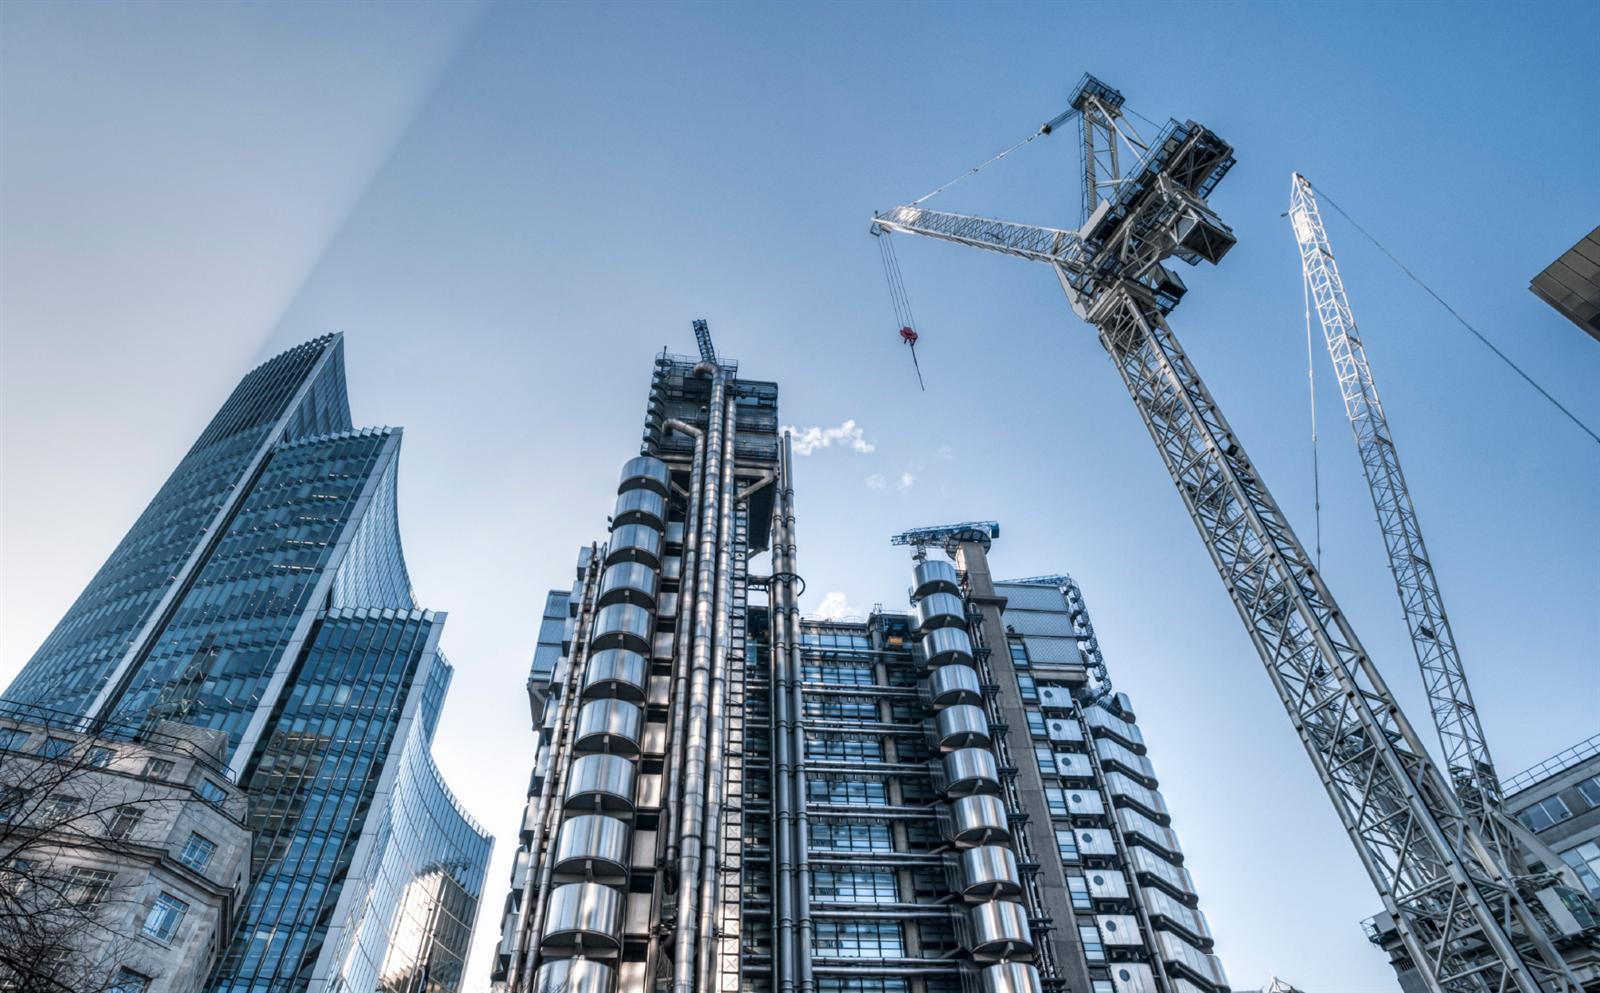 Số tiền bảo hiểm tối thiểu trong hoạt động đầu tư xây dựng là bao nhiêu?